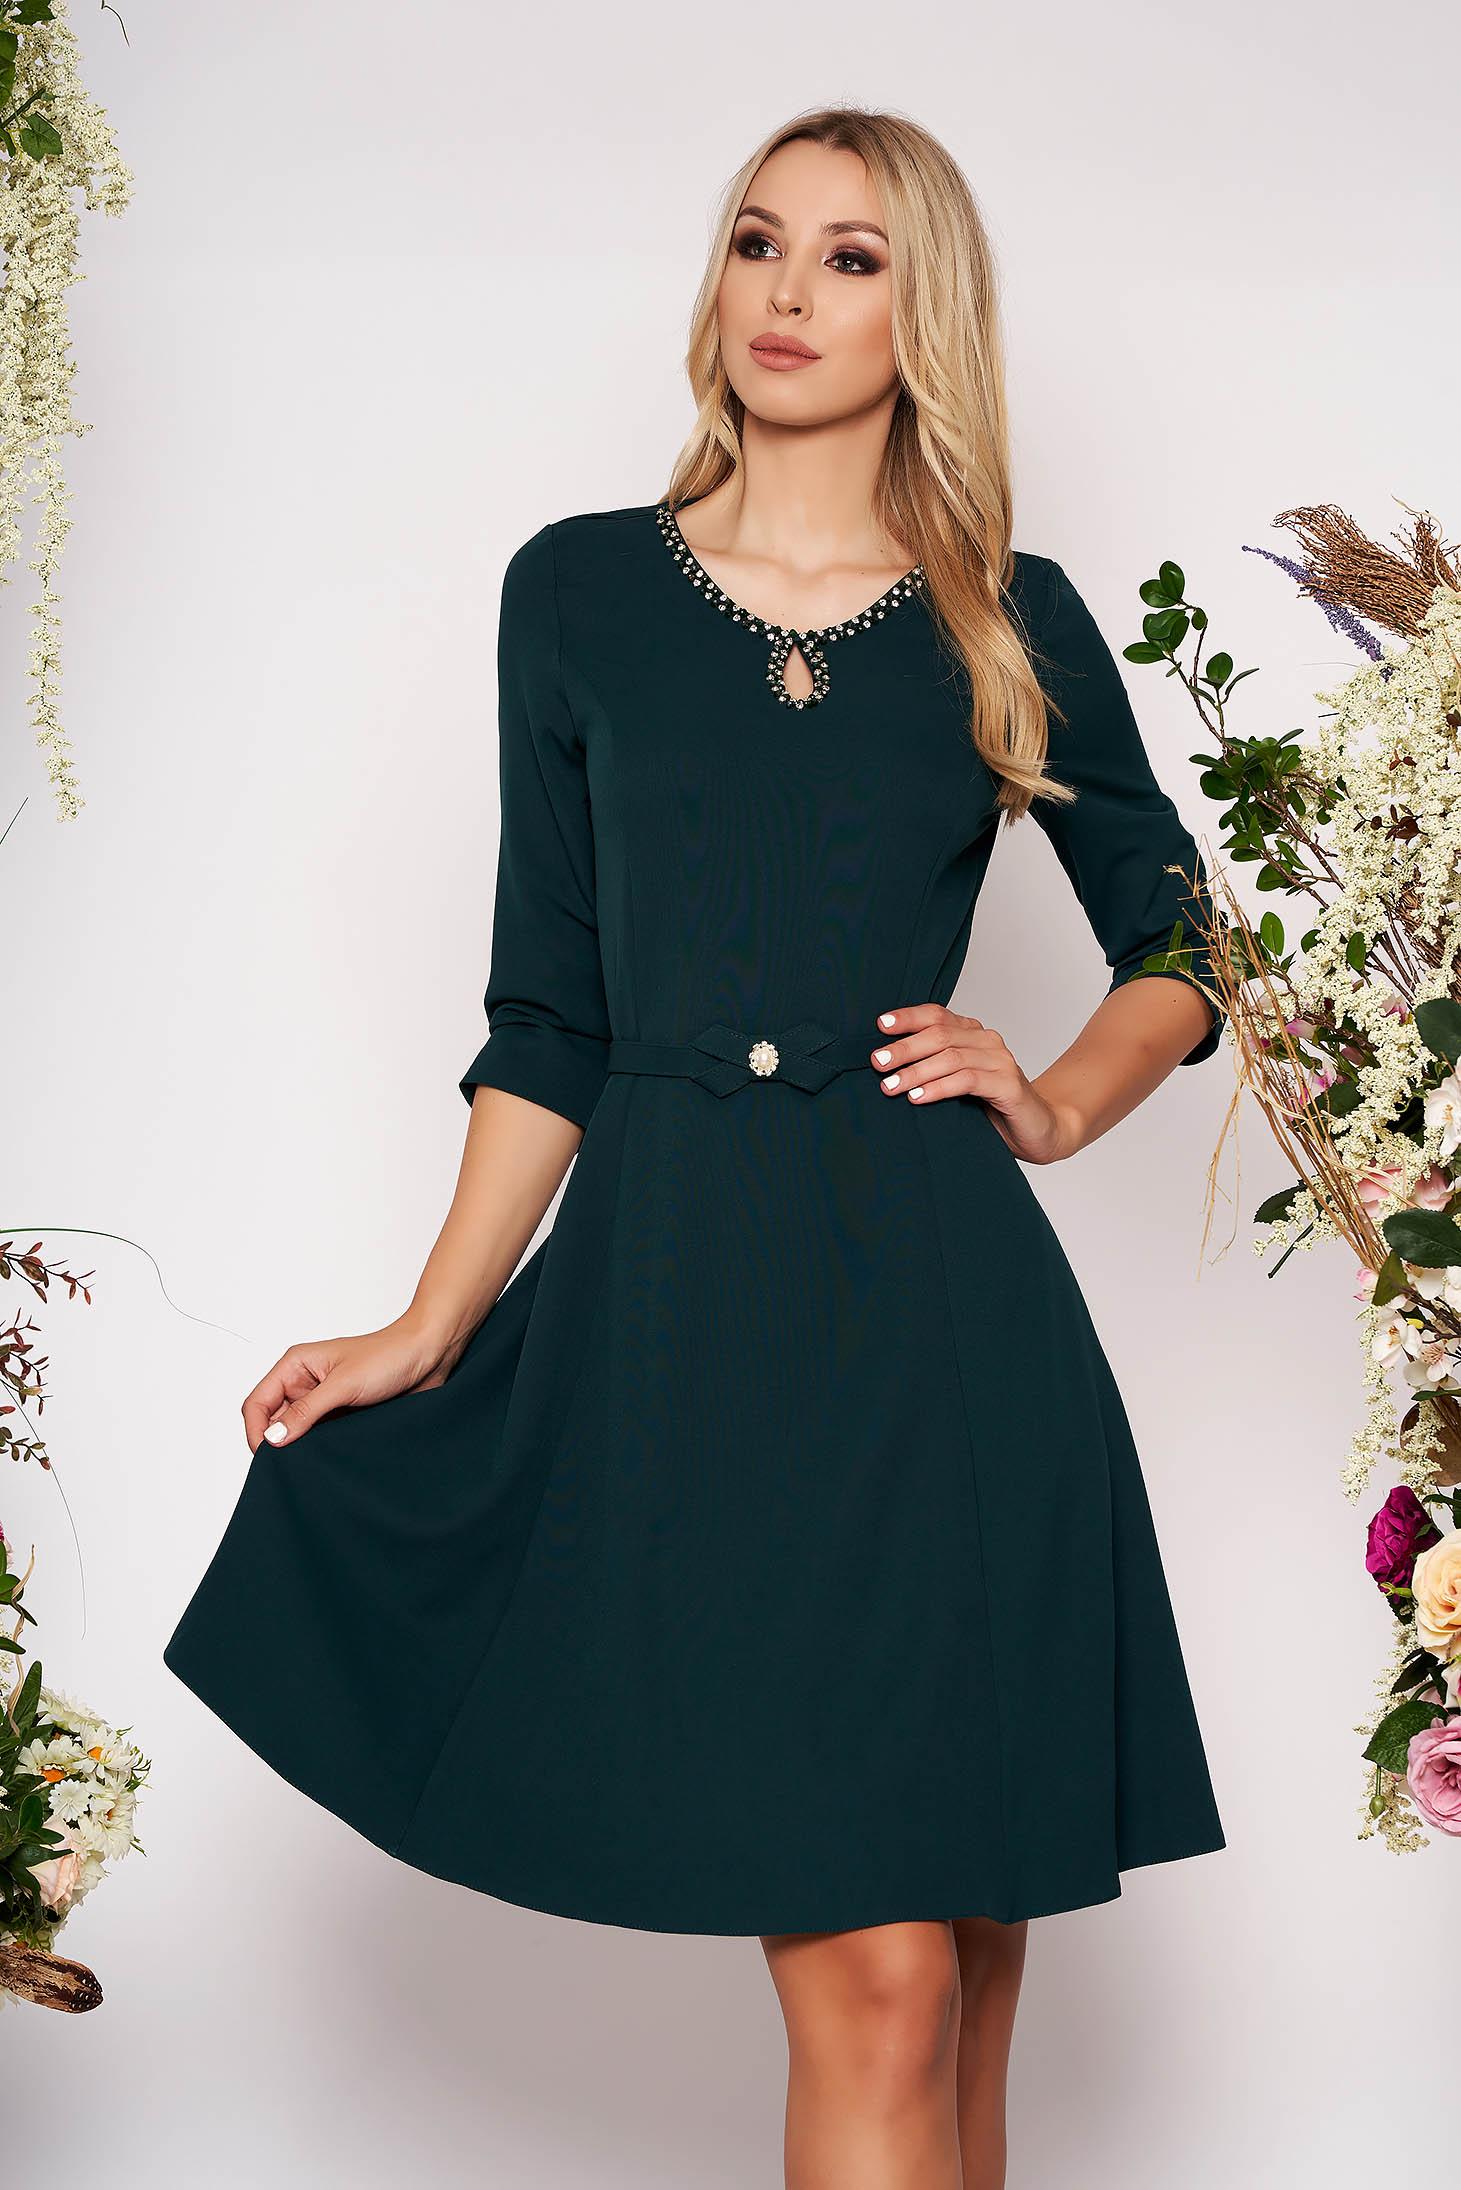 Rochie verde-inchis eleganta in clos din material fin la atingere detalii handmade cu accesoriu tip curea